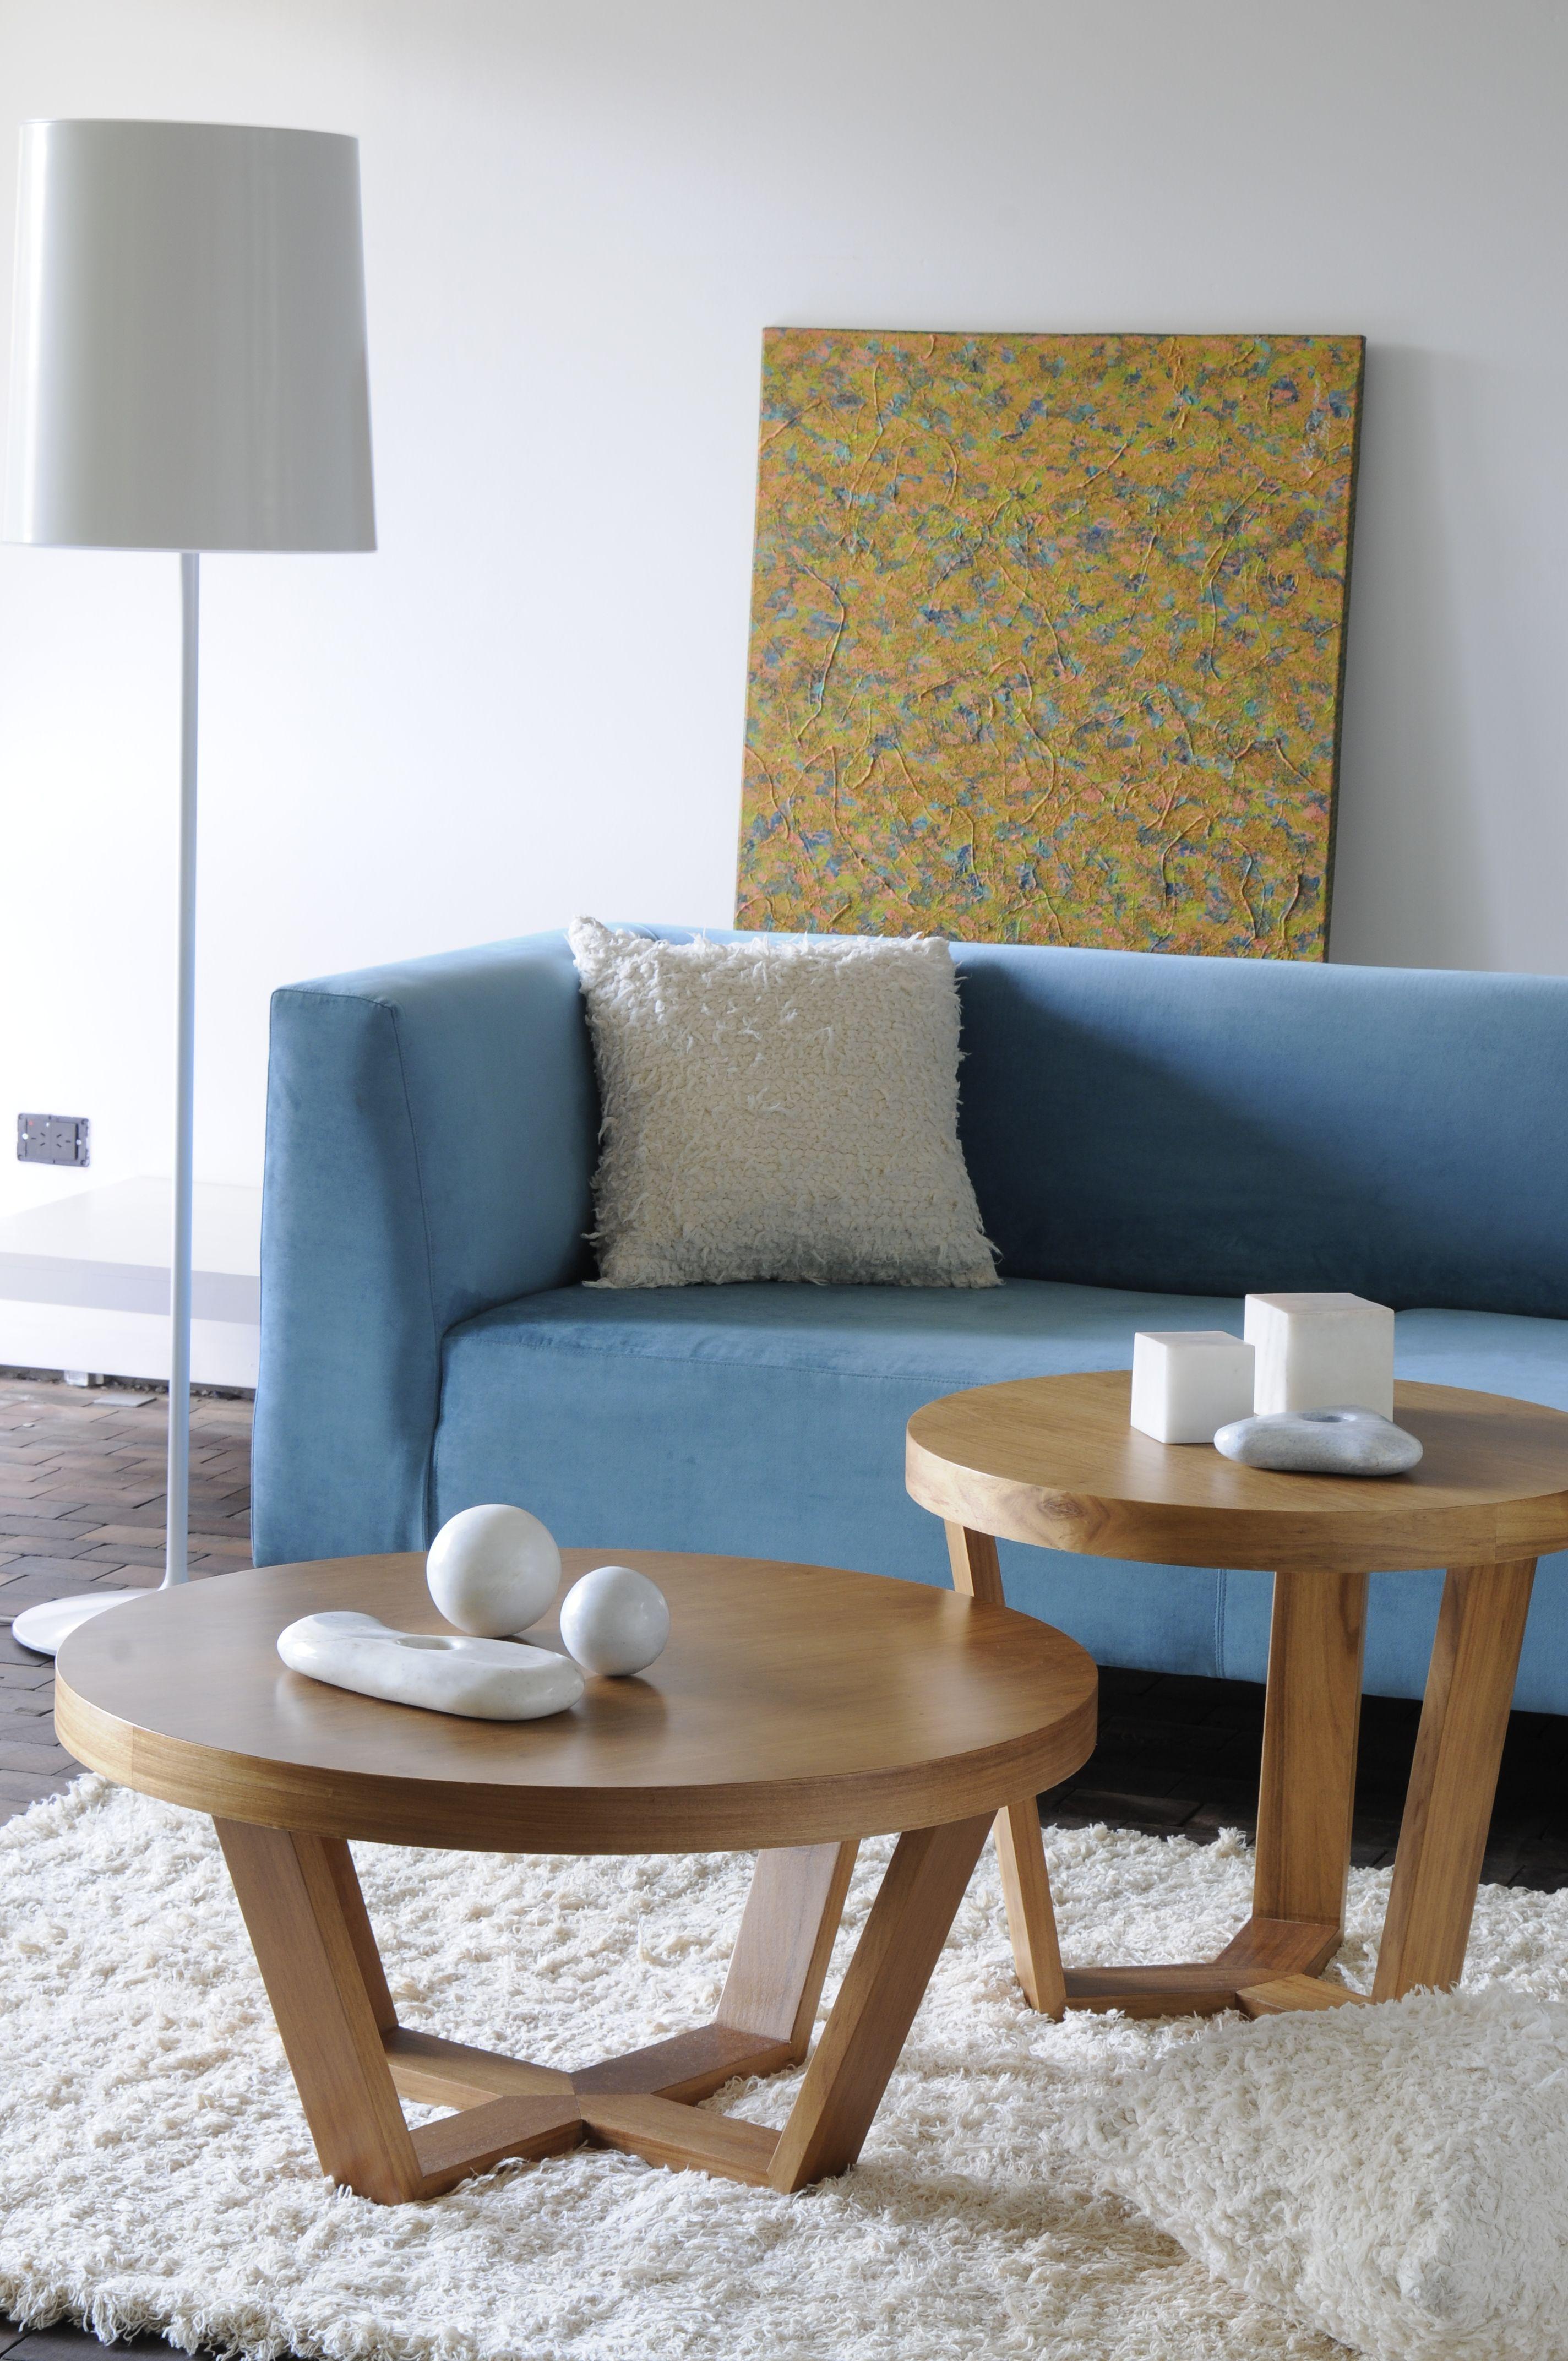 Eleg tu nuevo sof para descansar cuando llegas a casa ven a unimate visit - Modelos de sofas y sillones ...